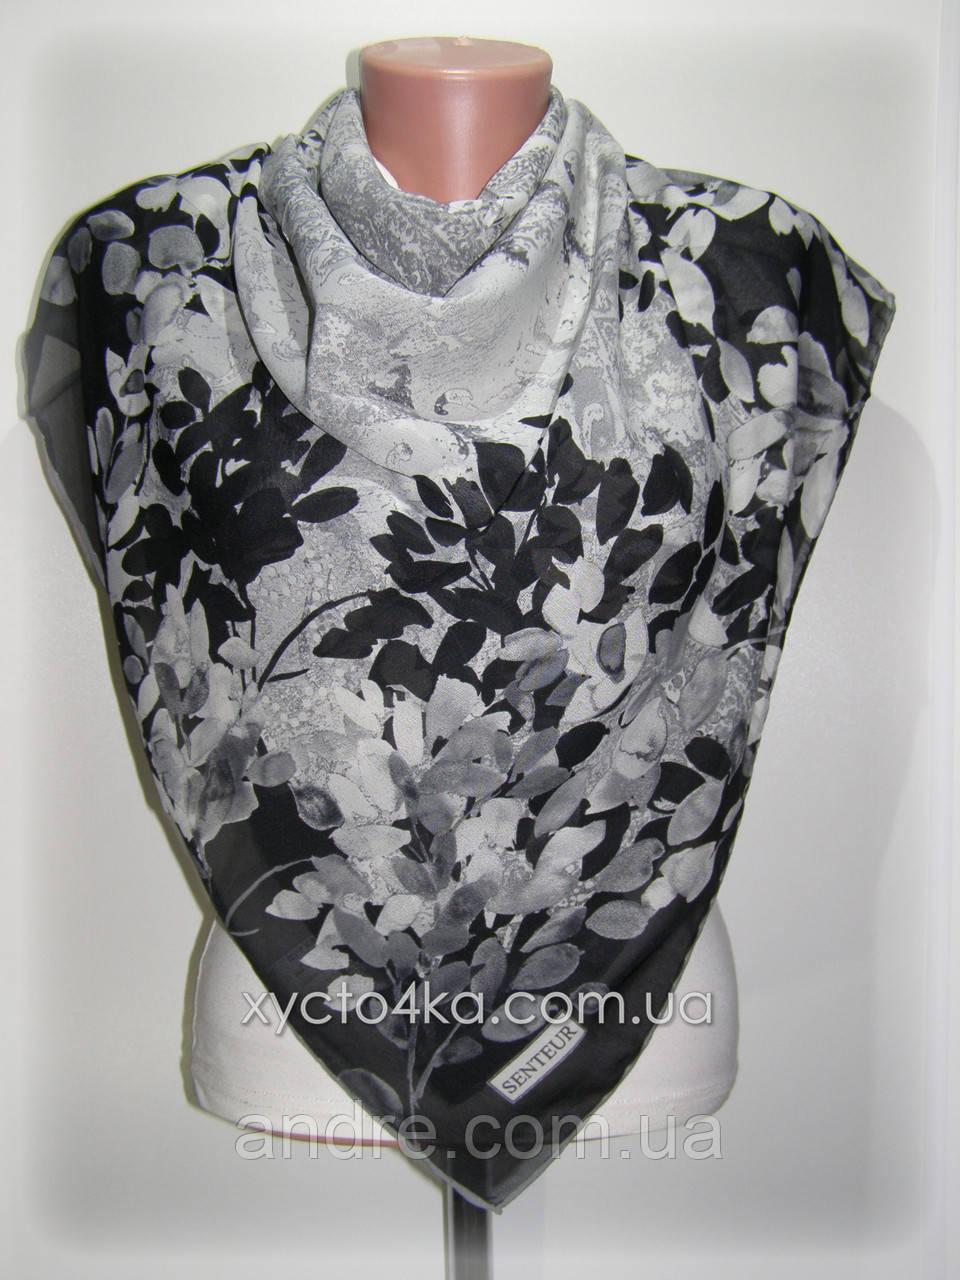 Лёгкие шифоновые платки Воздушный, серый